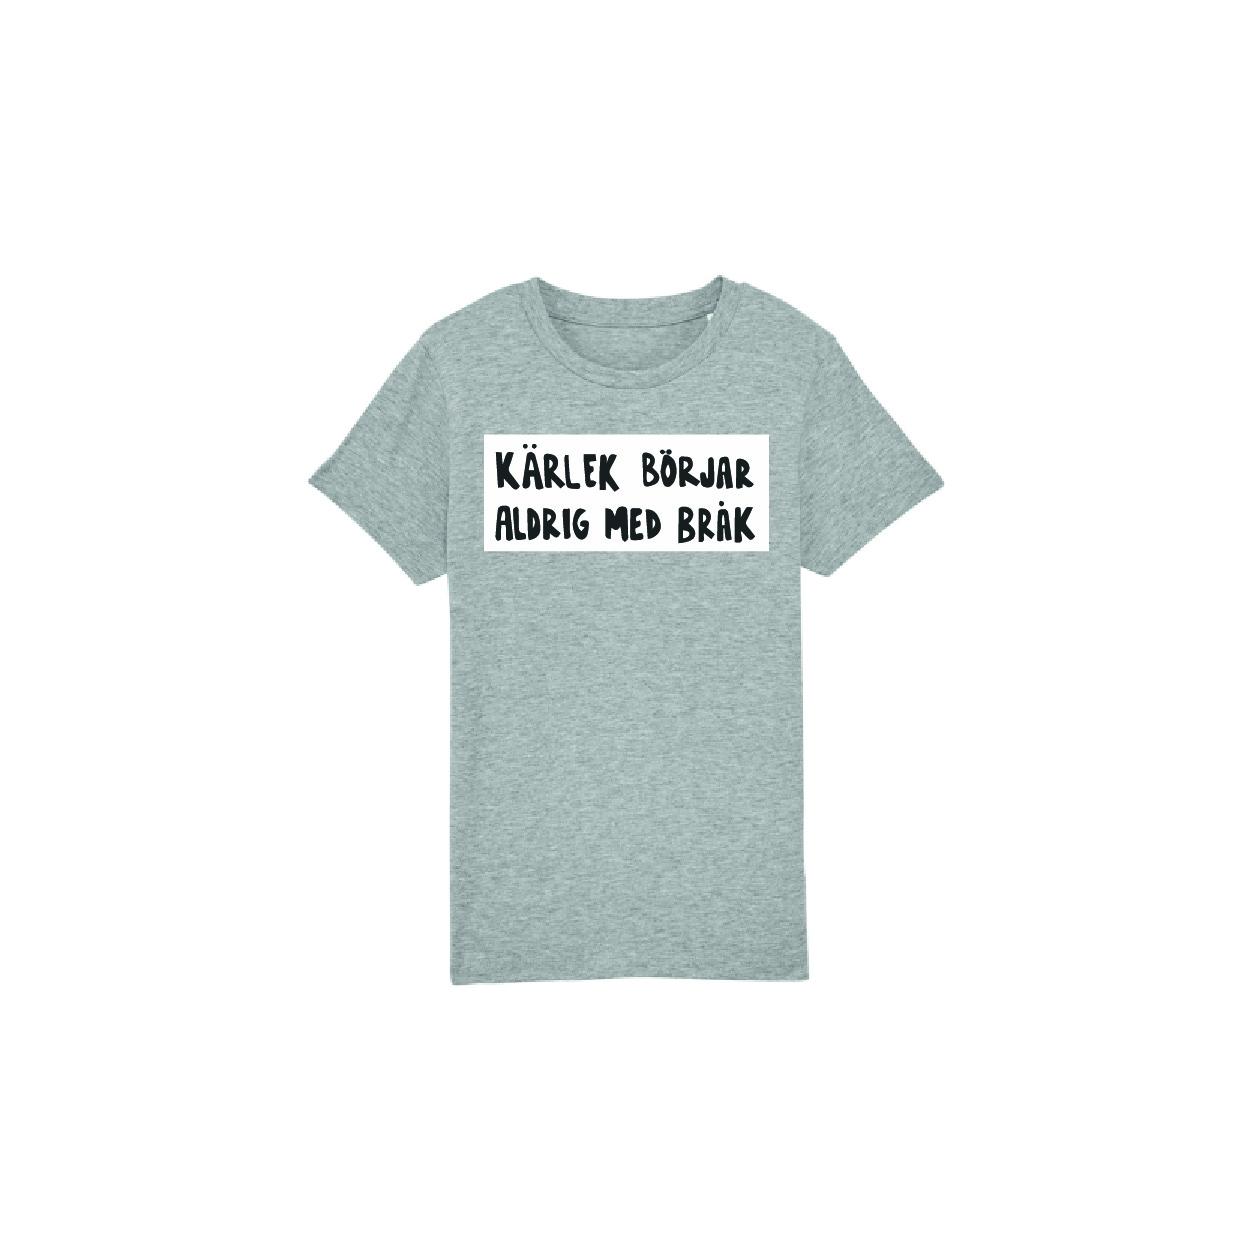 GRÅ T-shirt i barnstorlek - Kärlek börjar aldrig med bråk